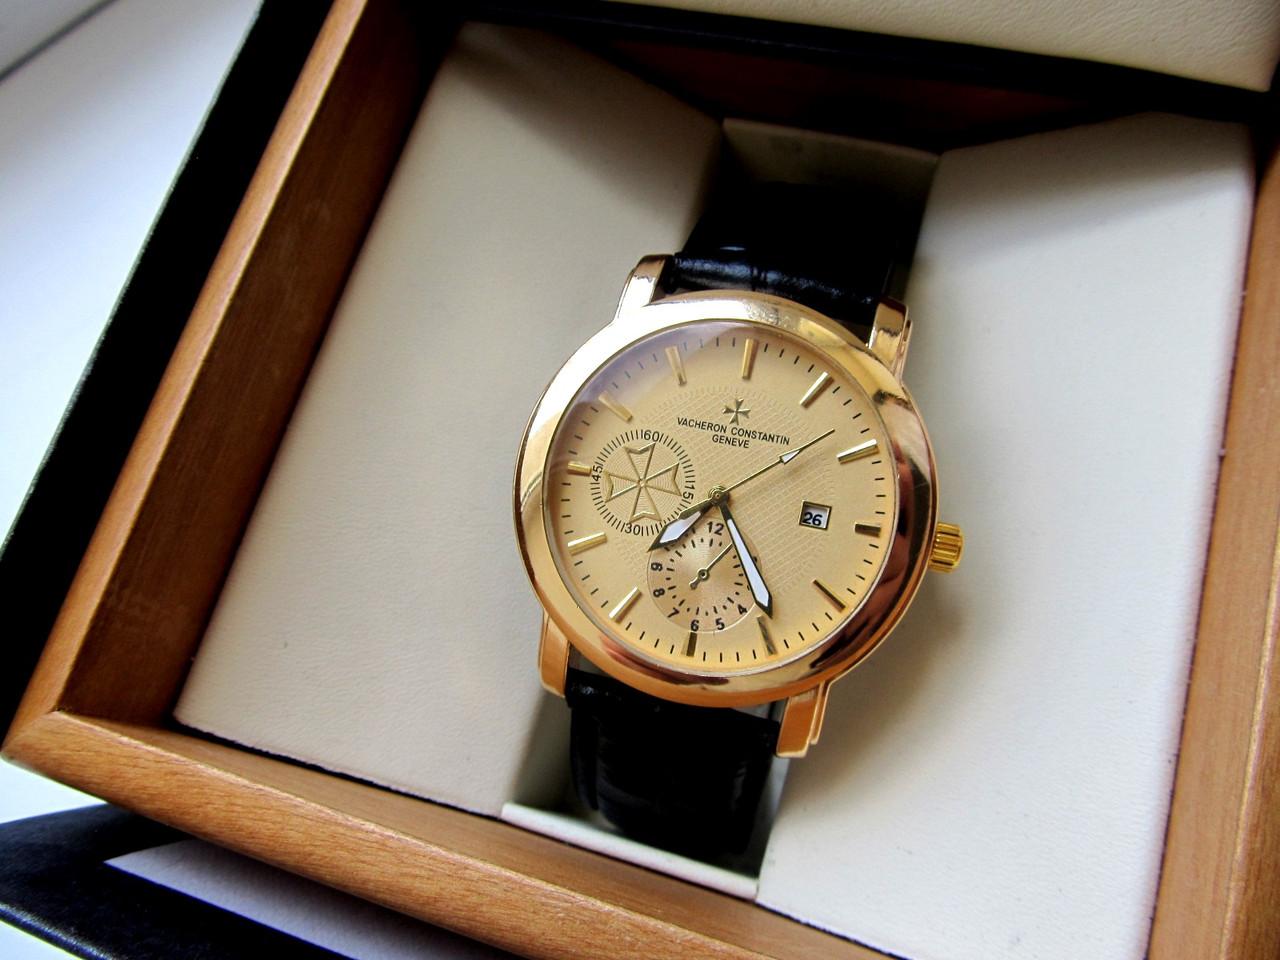 наручные часы, мужские часы, часы, мужские наручные, магазин наручных часов, магазин часов, часы хорошего